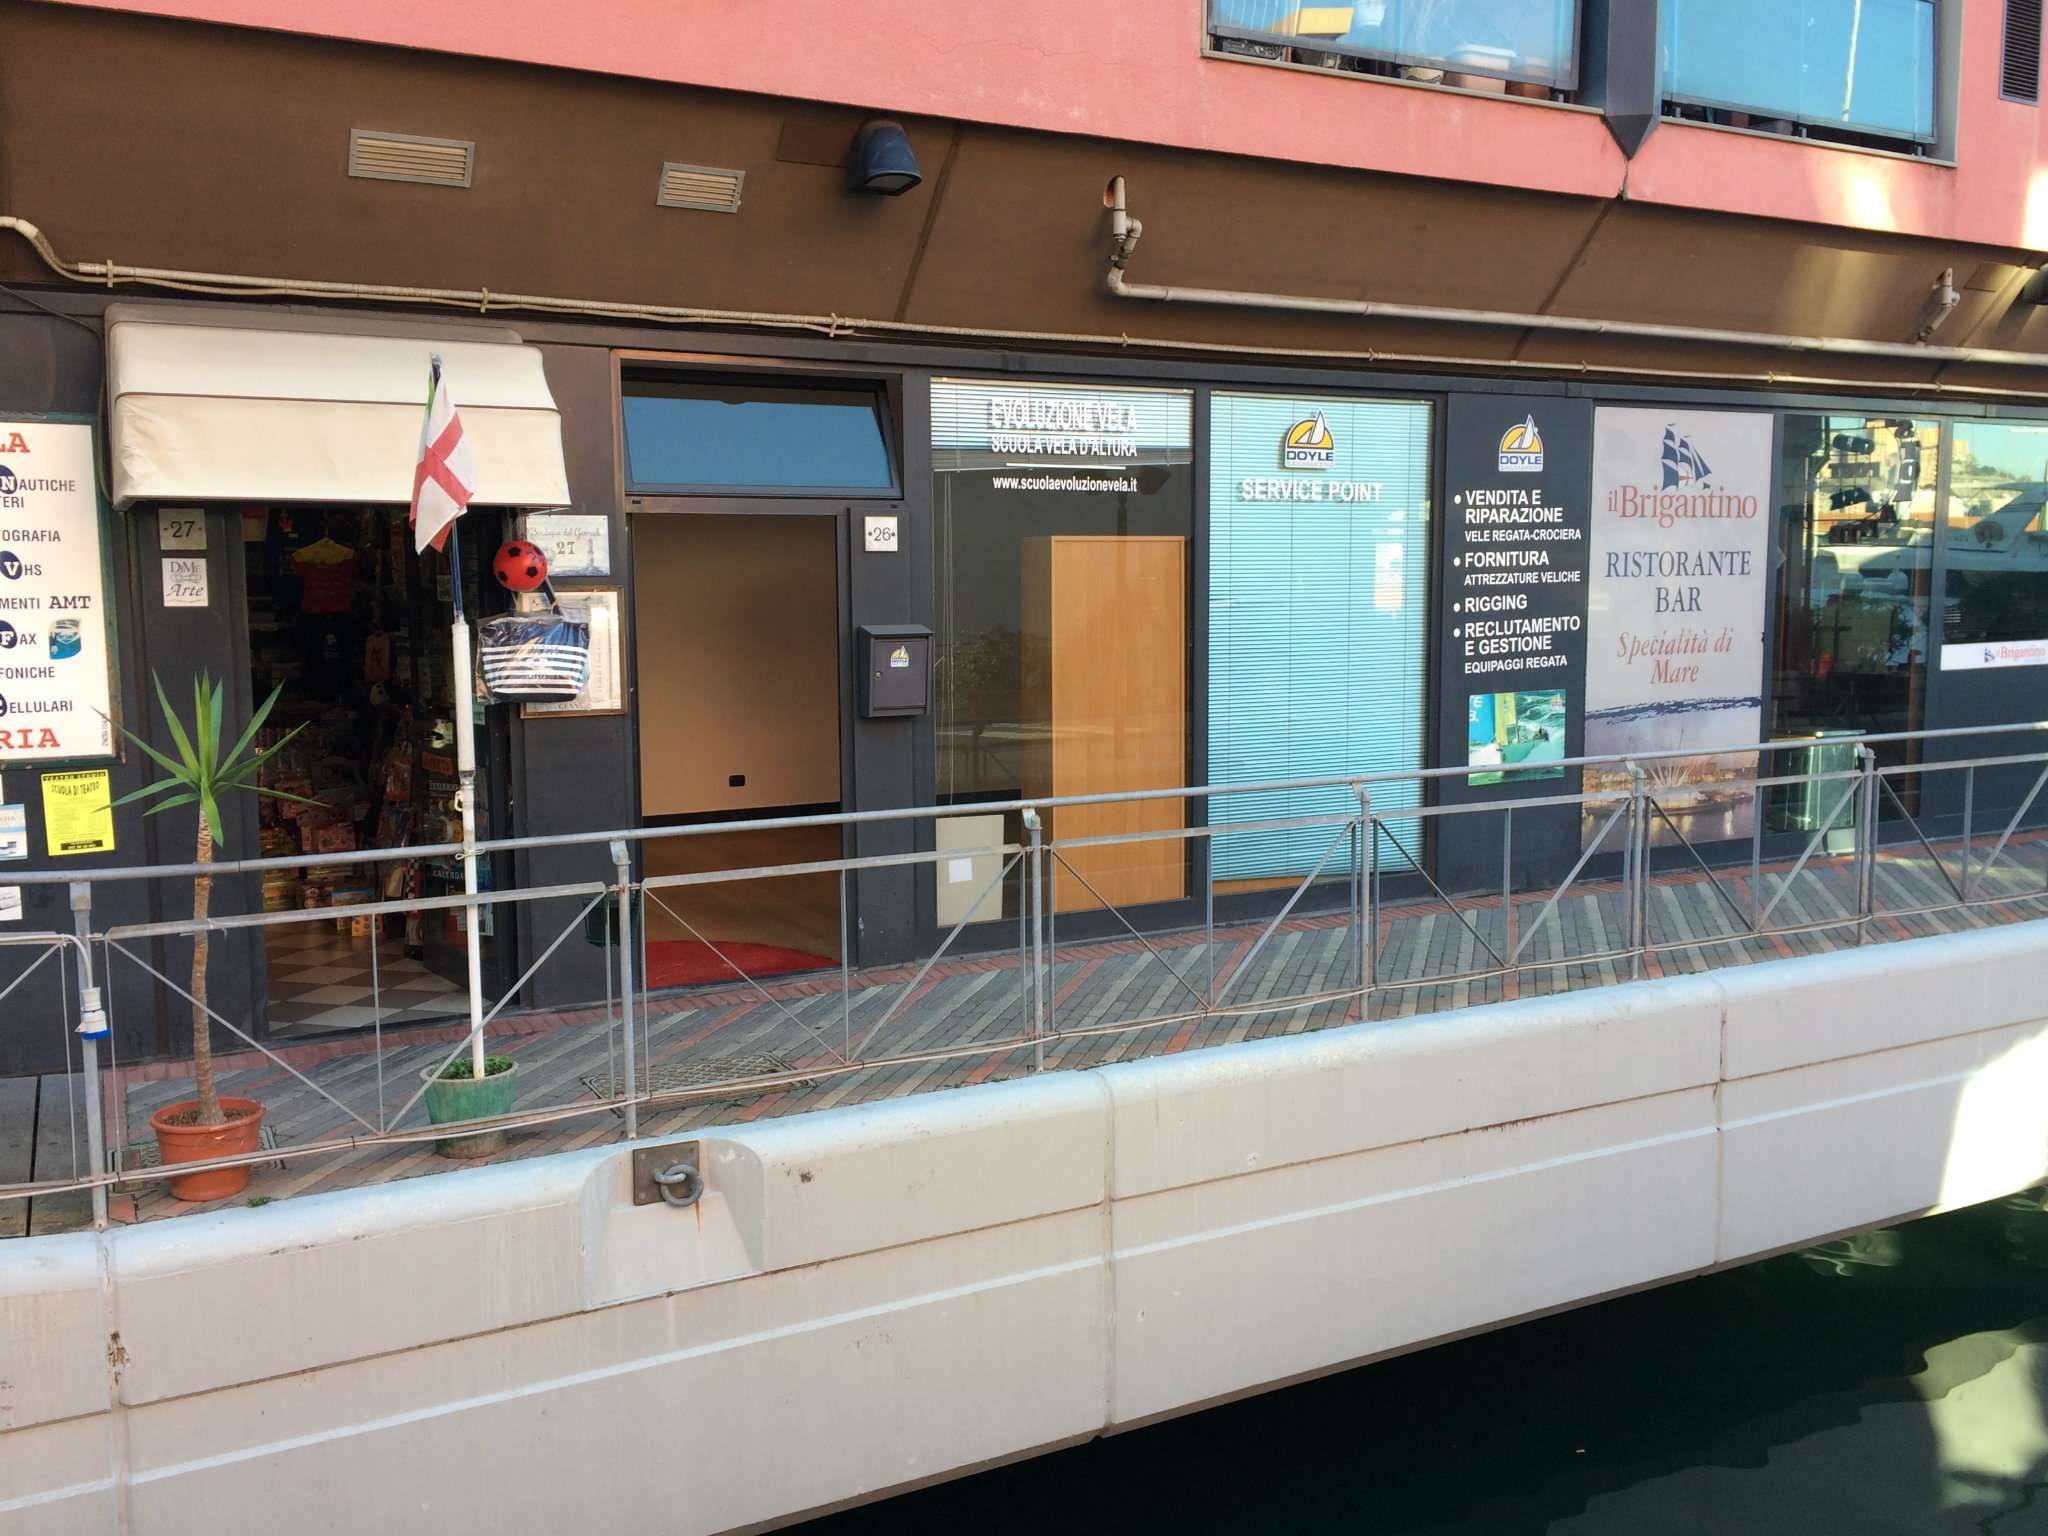 Negozio / Locale in vendita a Genova, 1 locali, prezzo € 130.000 | CambioCasa.it